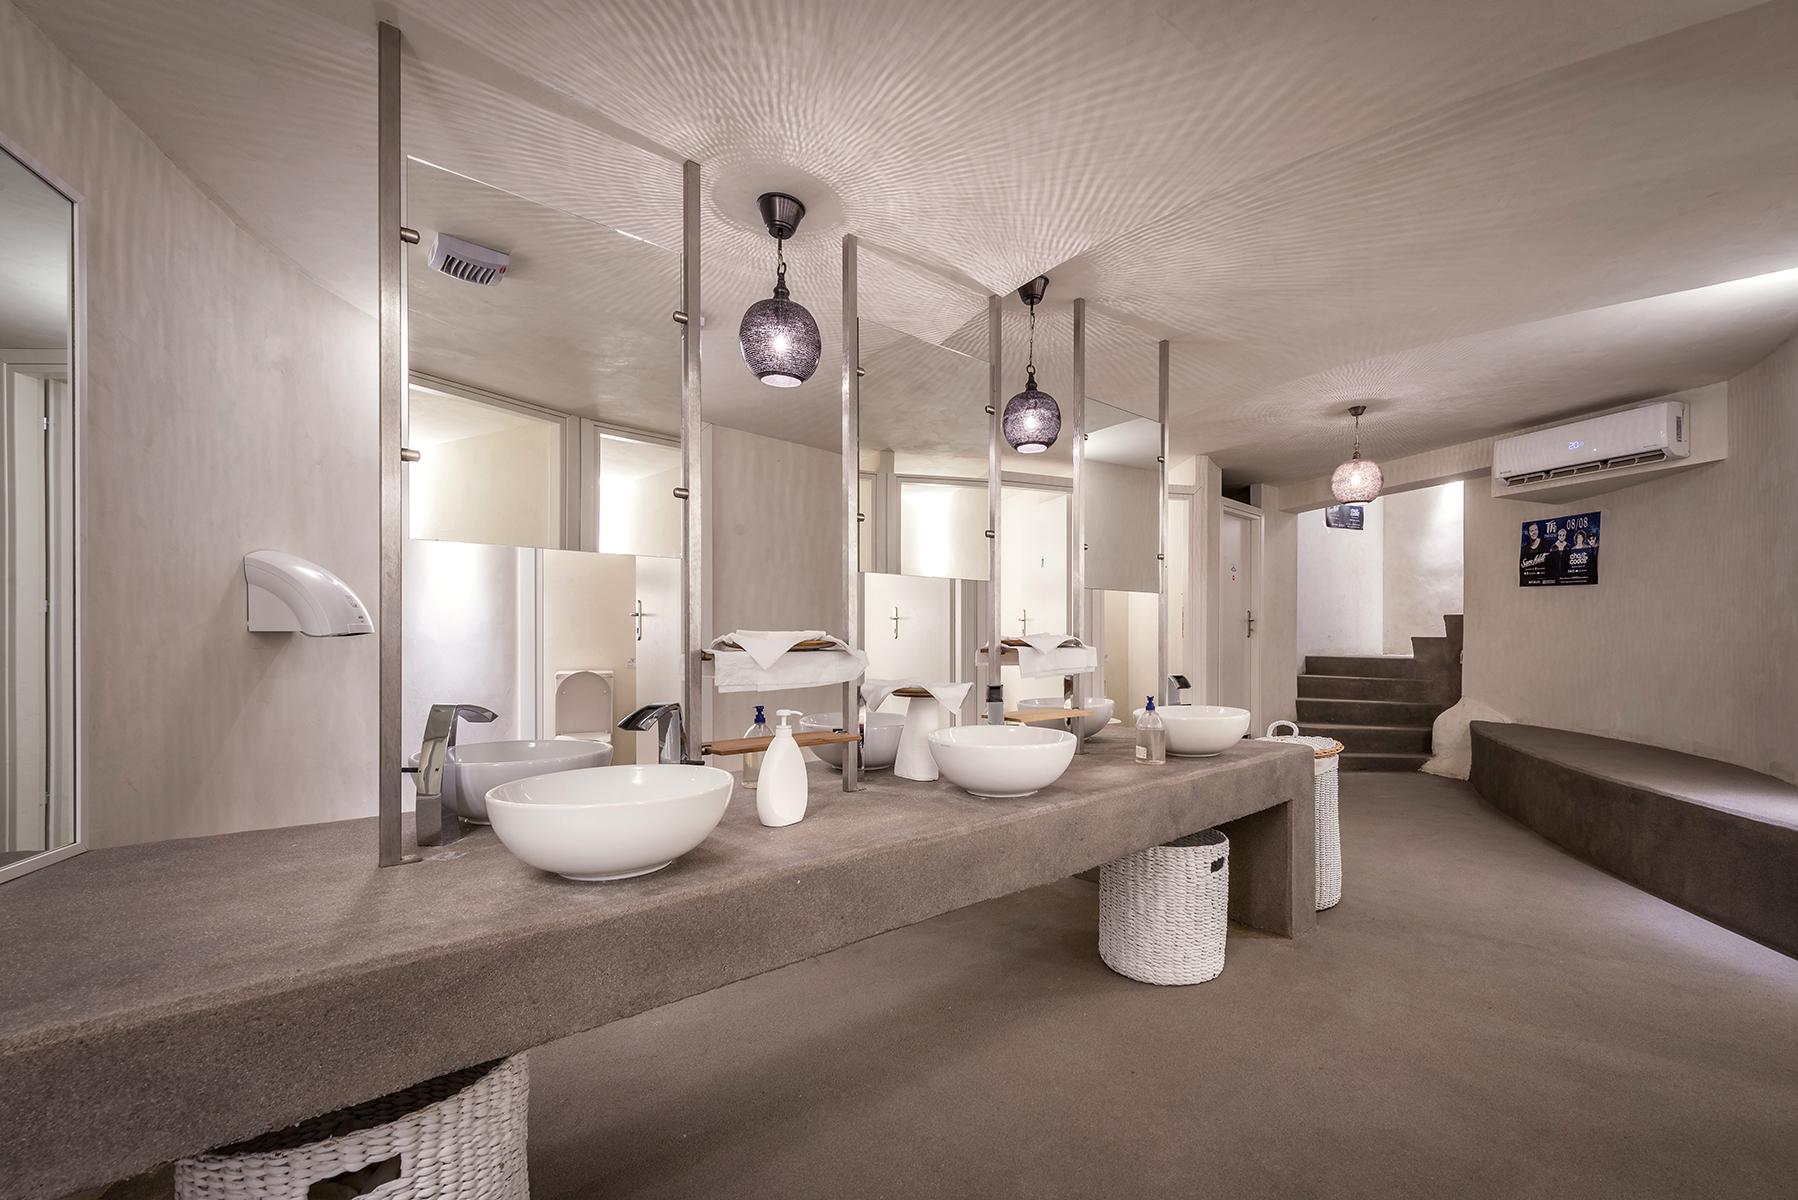 58_TRU toilets_800_9197